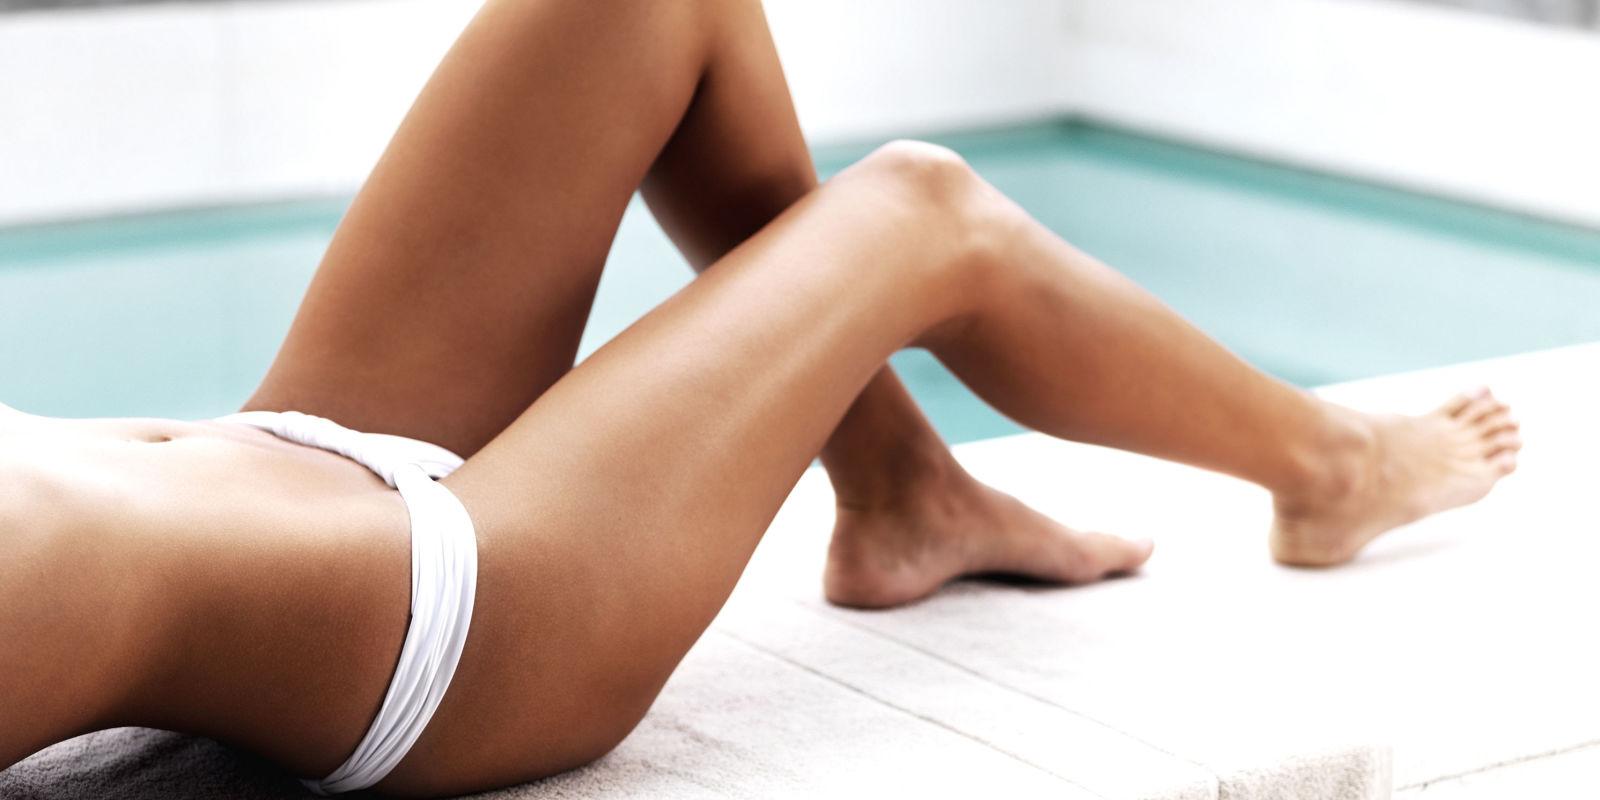 Самые красивые между ног у девушек фото